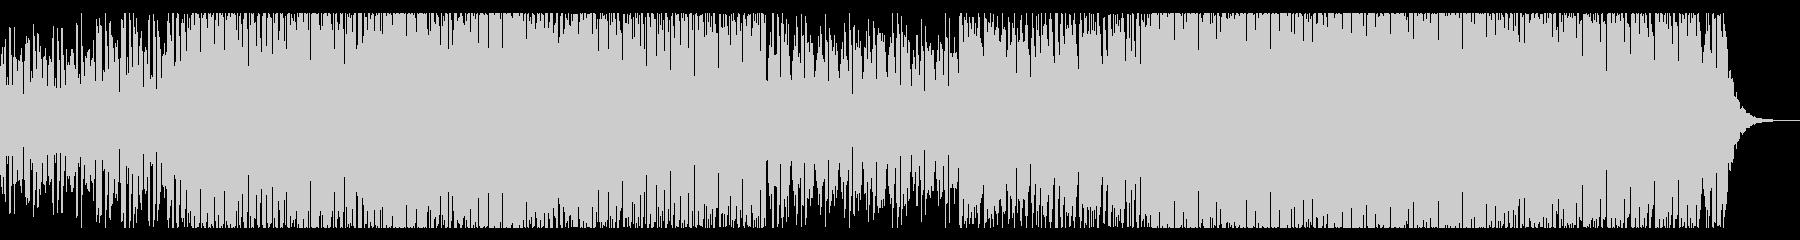 夏のトロピカルポップの未再生の波形